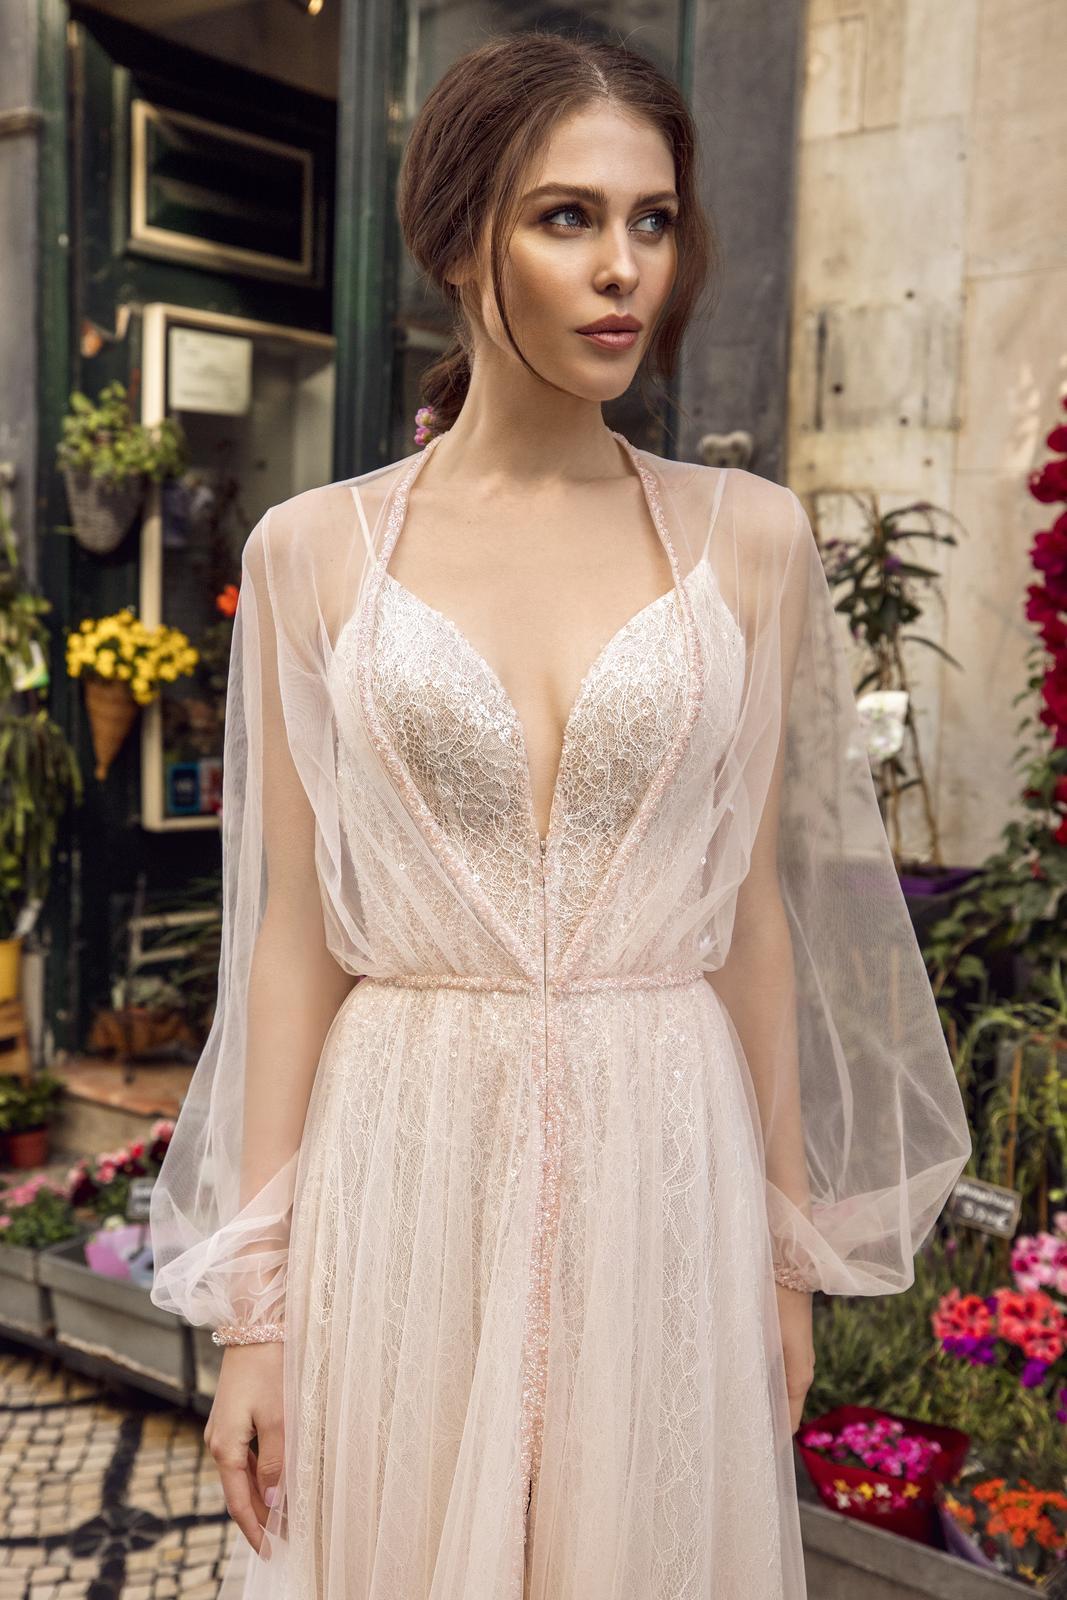 Svadobné šaty Innocentia inšpirované Lisabonom - Obrázok č. 16